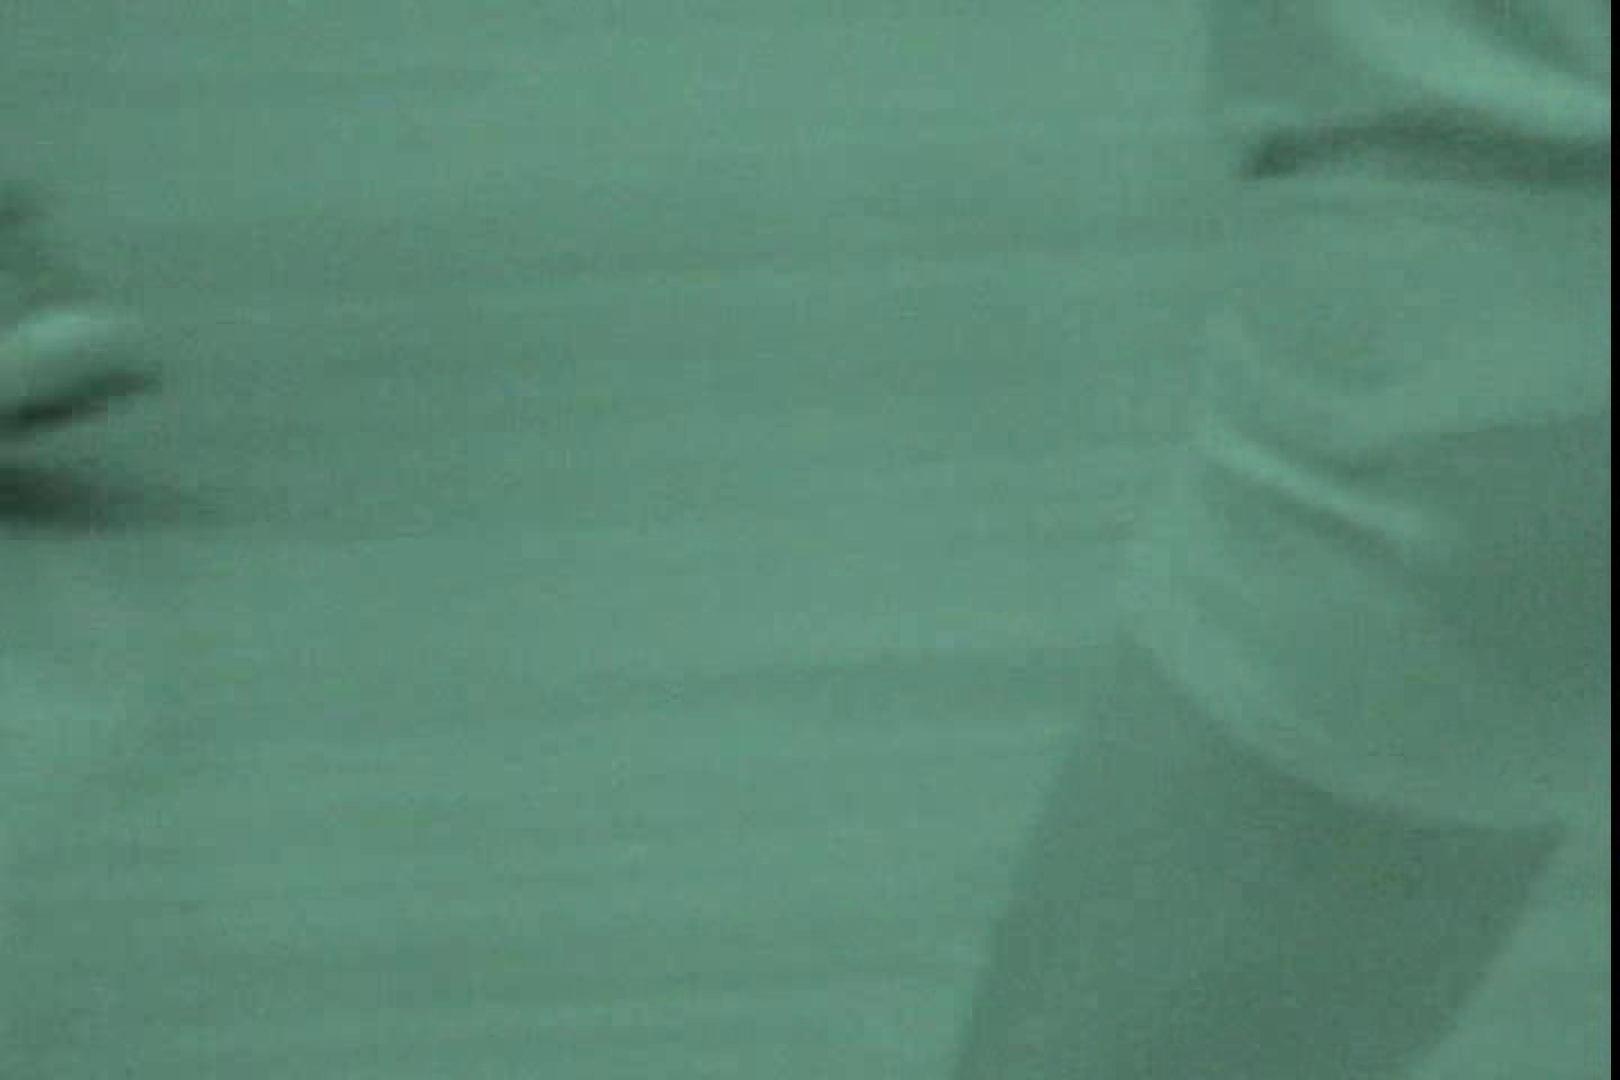 赤外線ムレスケバレー(汗) vol.04 OLのエロ生活 性交動画流出 99連発 89